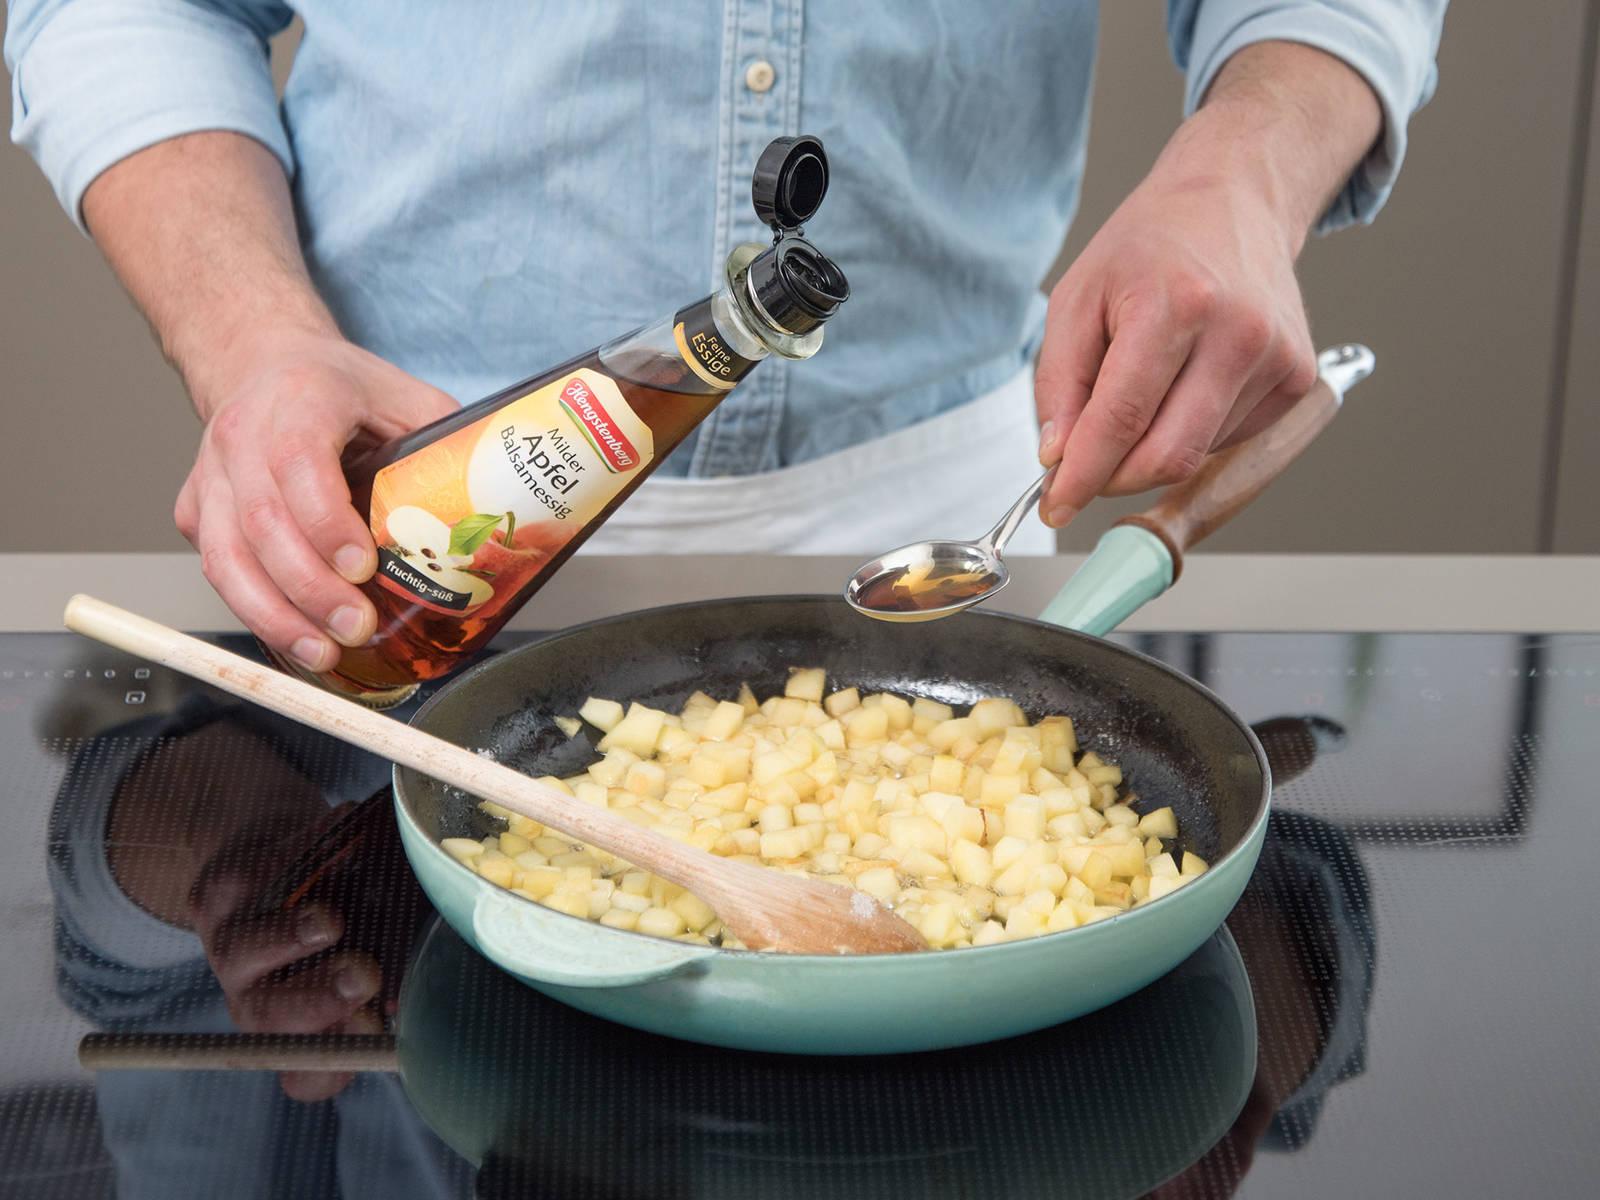 将苹果削皮、去核并切丁。将黄油放入煎锅,中火加热融化,煎苹果5-7分钟。放入糖、肉桂和苹果醋,翻搅裹好。调至小火,继续煮10-15分钟,直至苹果裹好焦糖,变成金棕色。